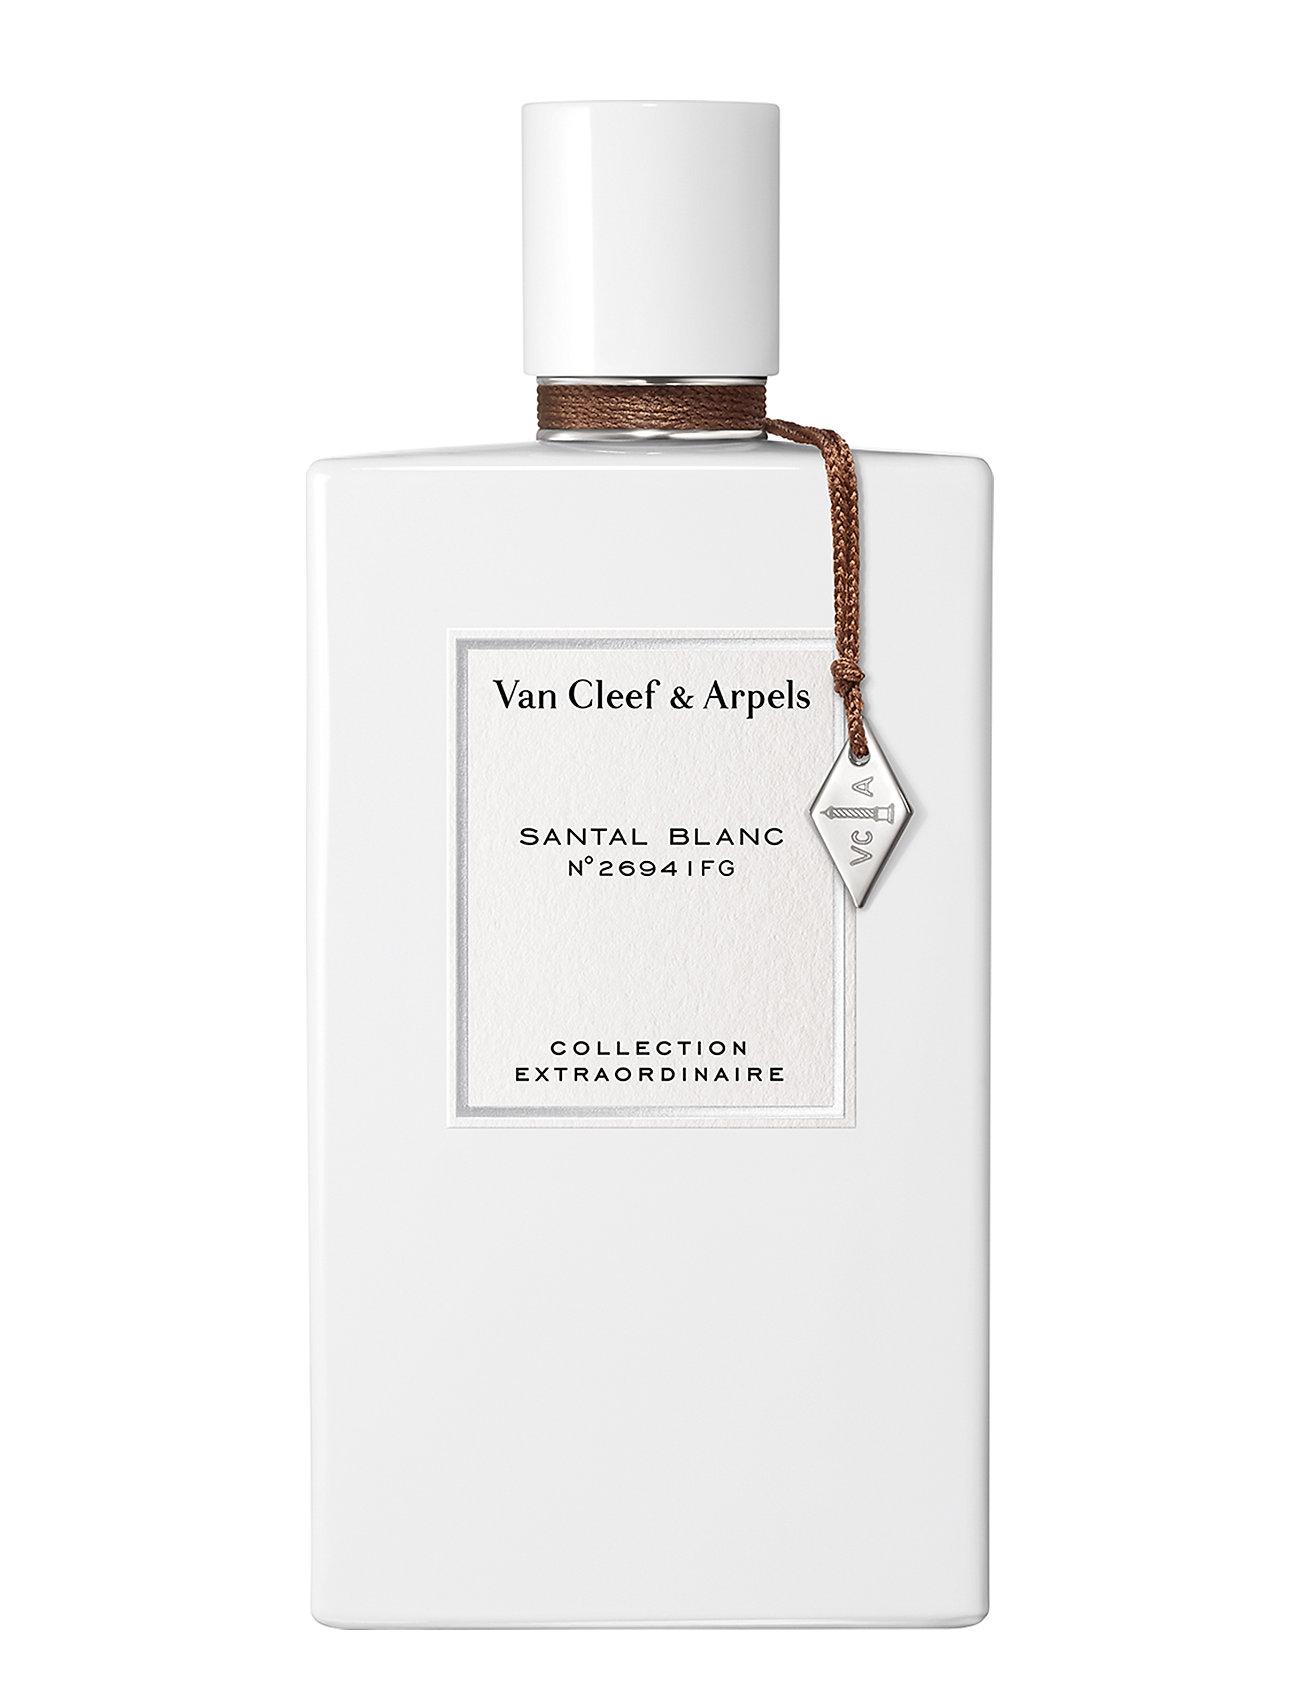 Van Cleef & Arpels Santal Blanc - CLEAR